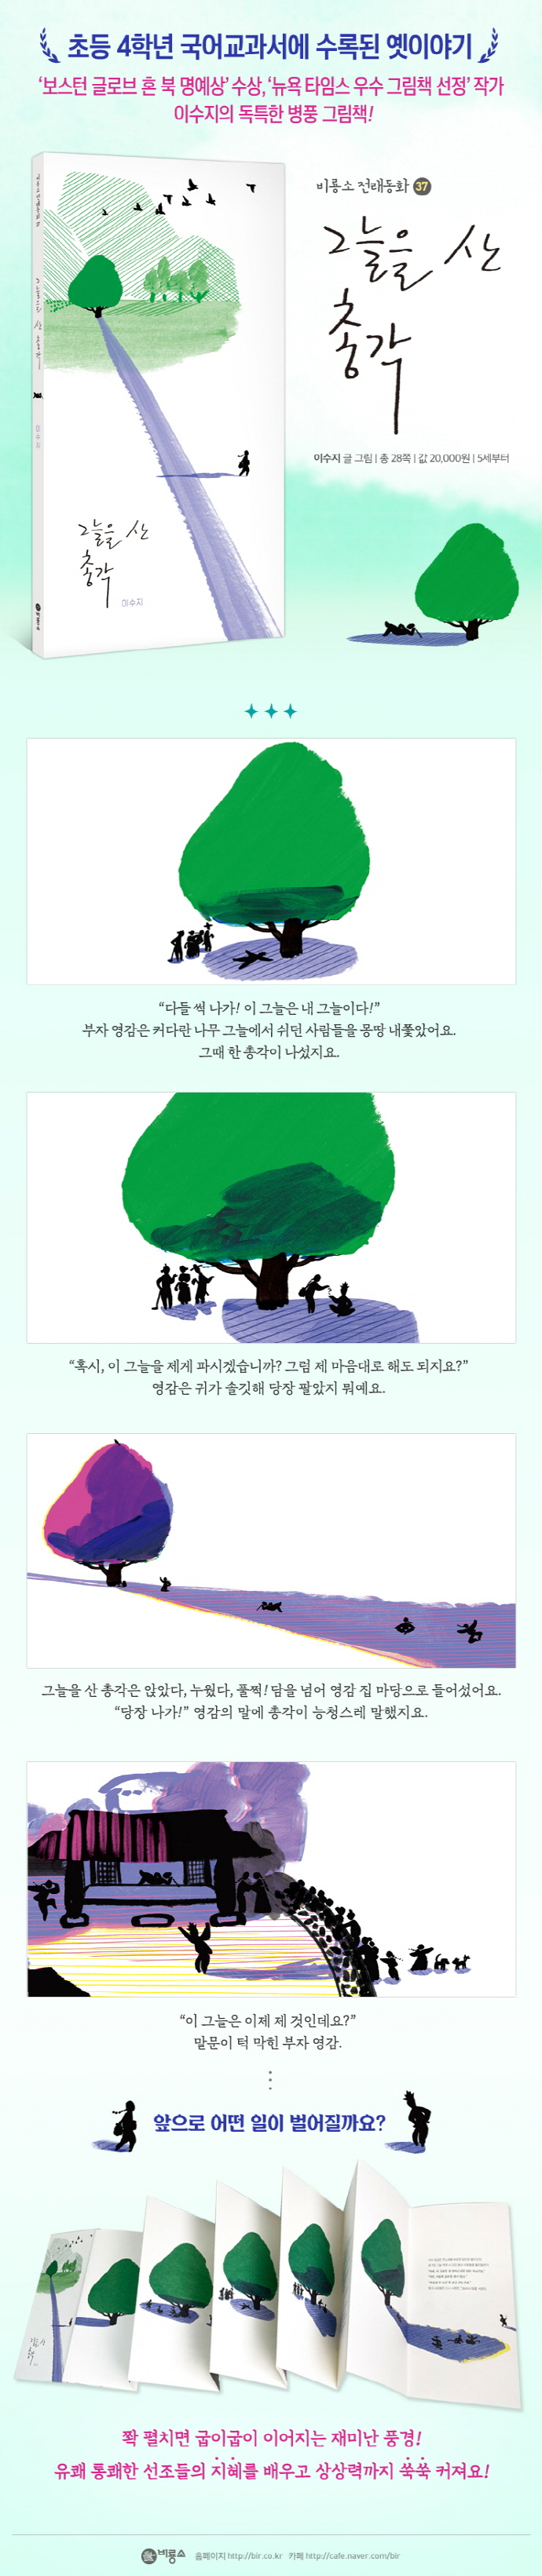 그늘을 산 총각(비룡소 전래동화 37)(양장본 HardCover) 도서 상세이미지